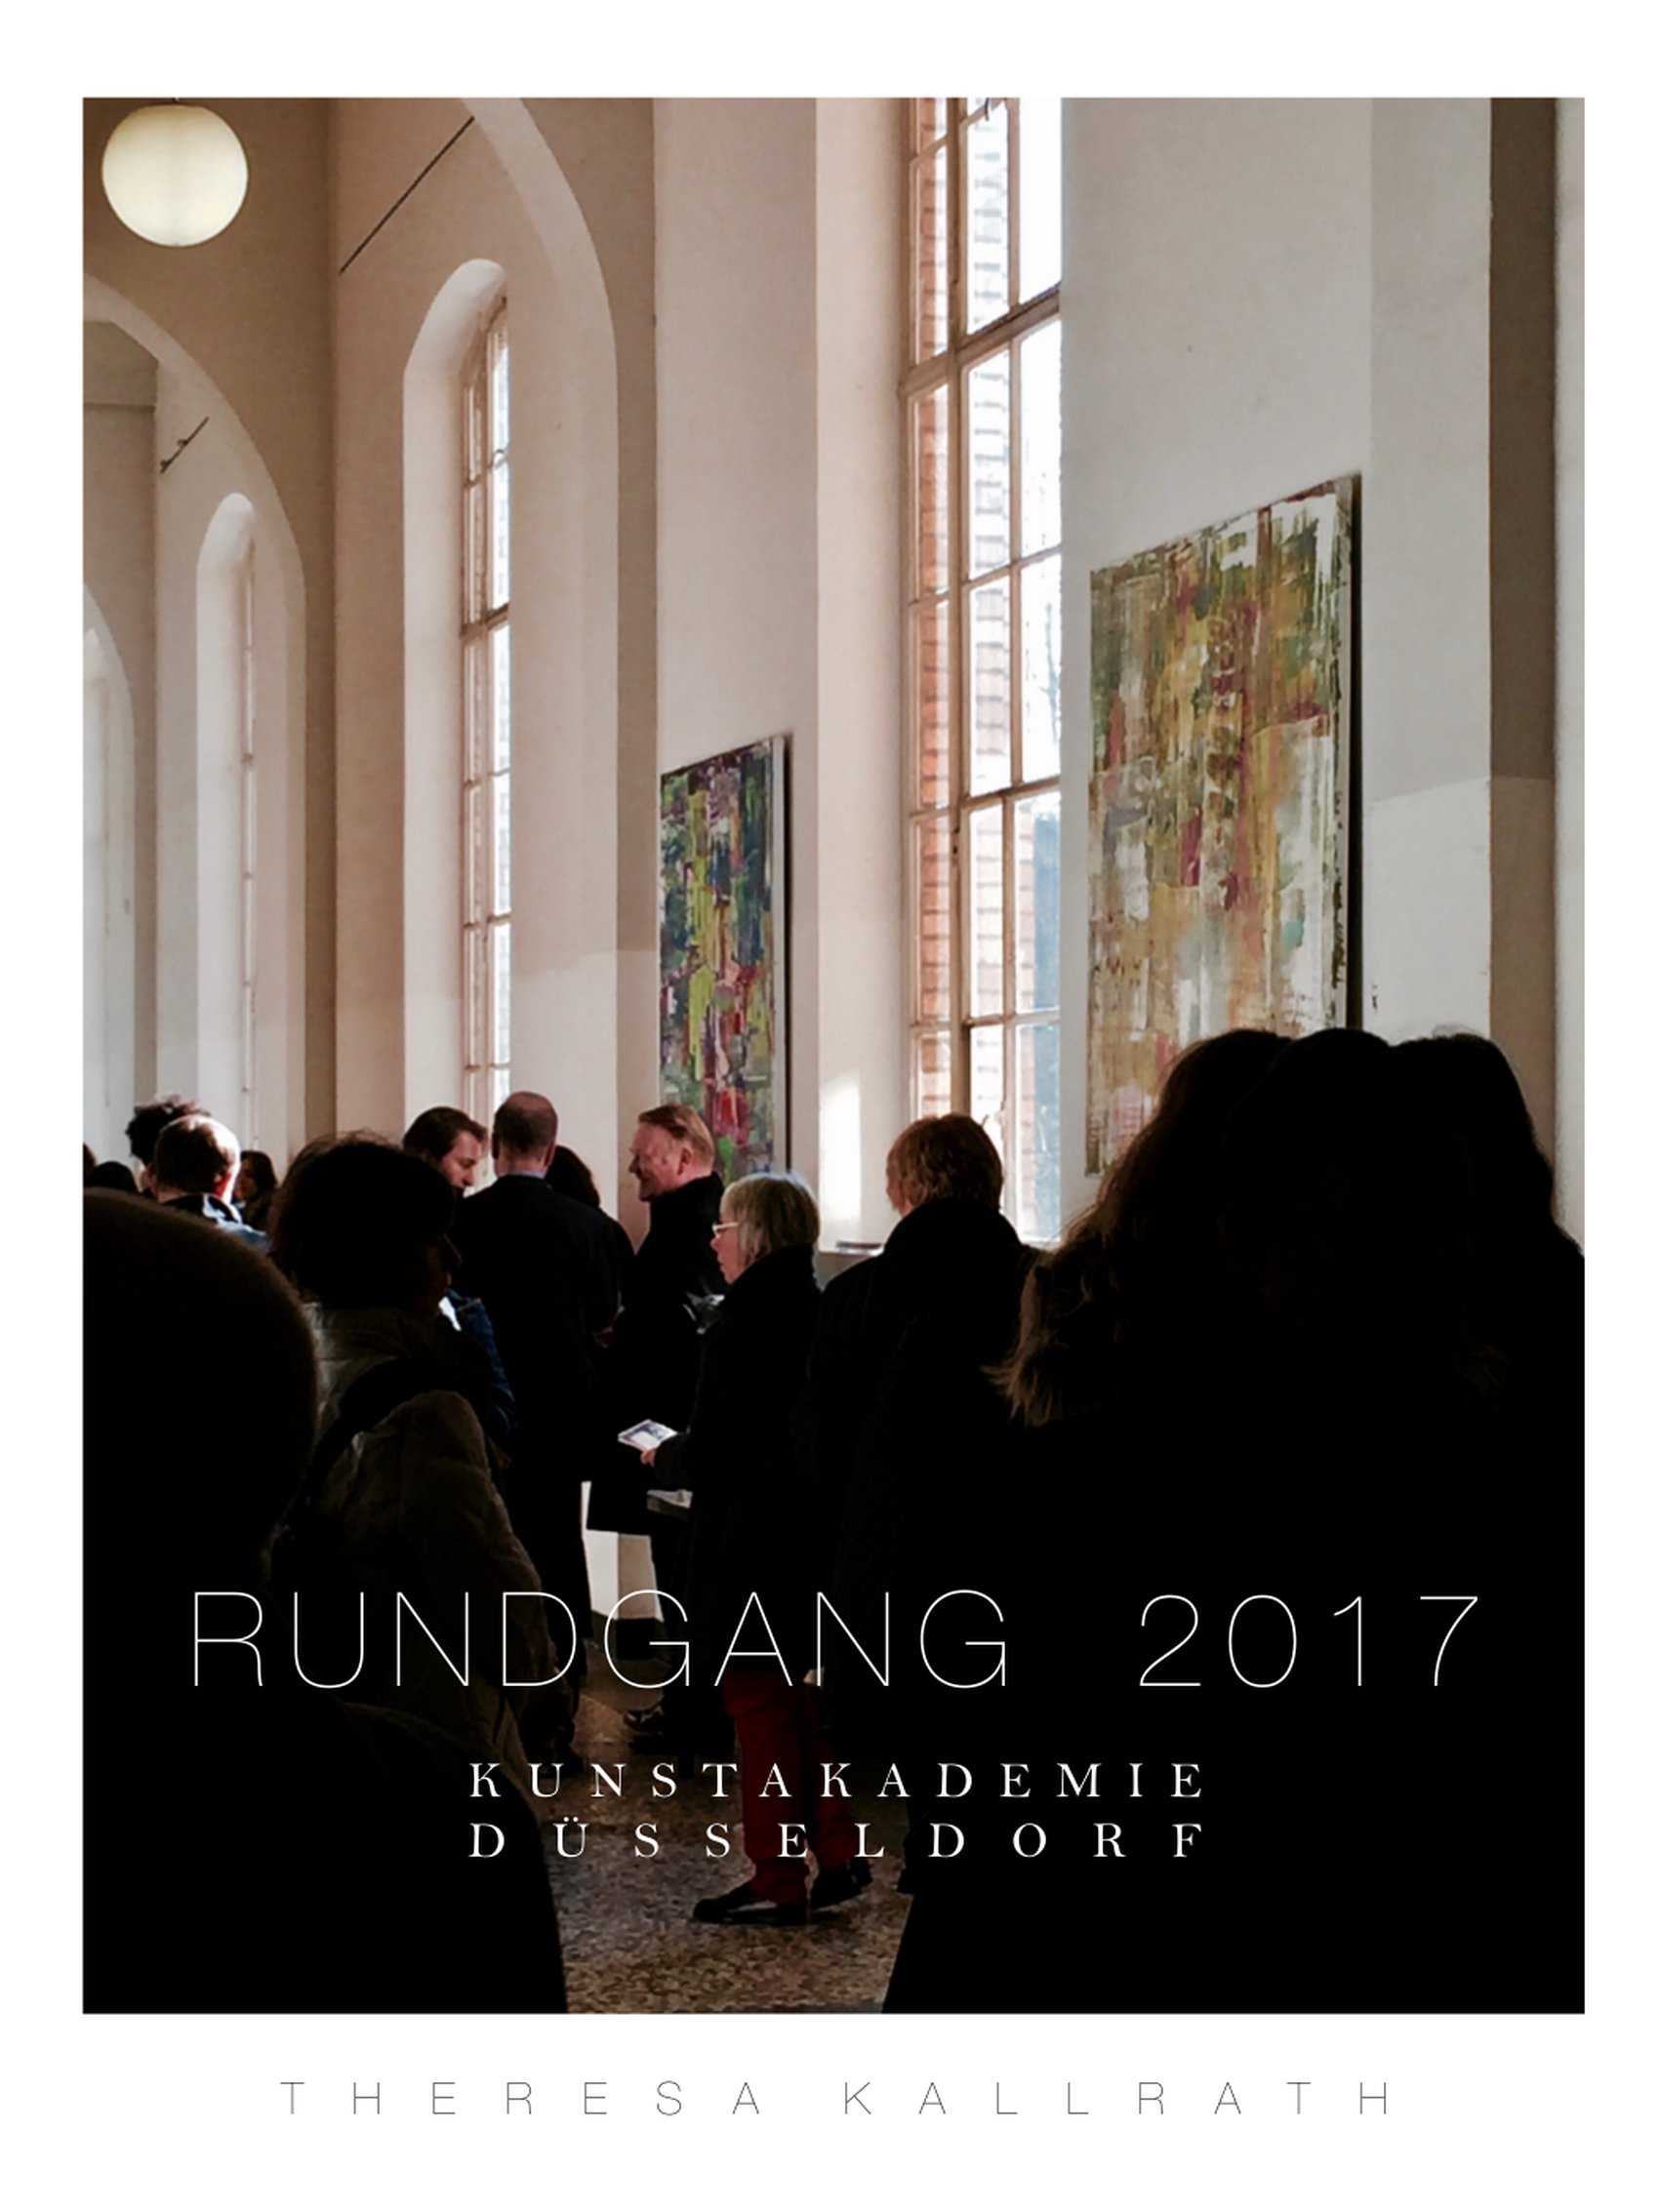 RUNDGANG 2017 Kunstakademie Düsseldorf Theresa Kallrath kallART